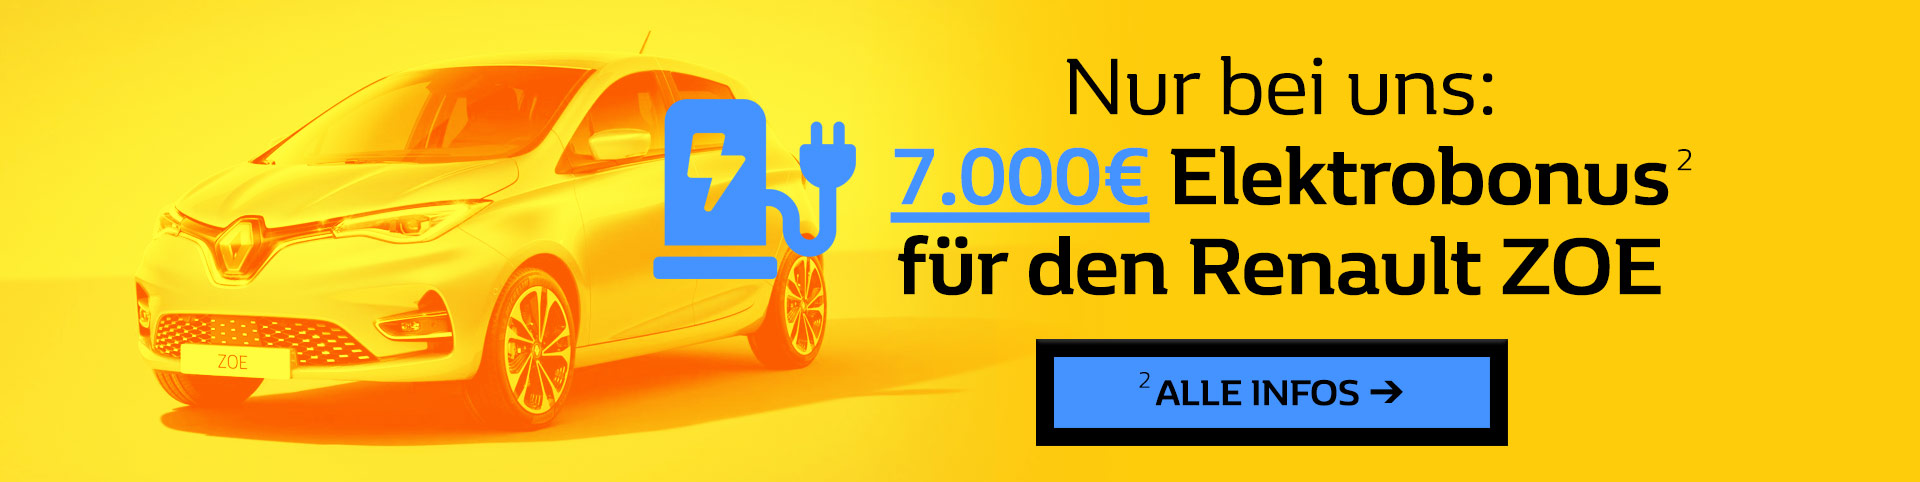 Renault ZOE Elektrobonus 7000 Euro